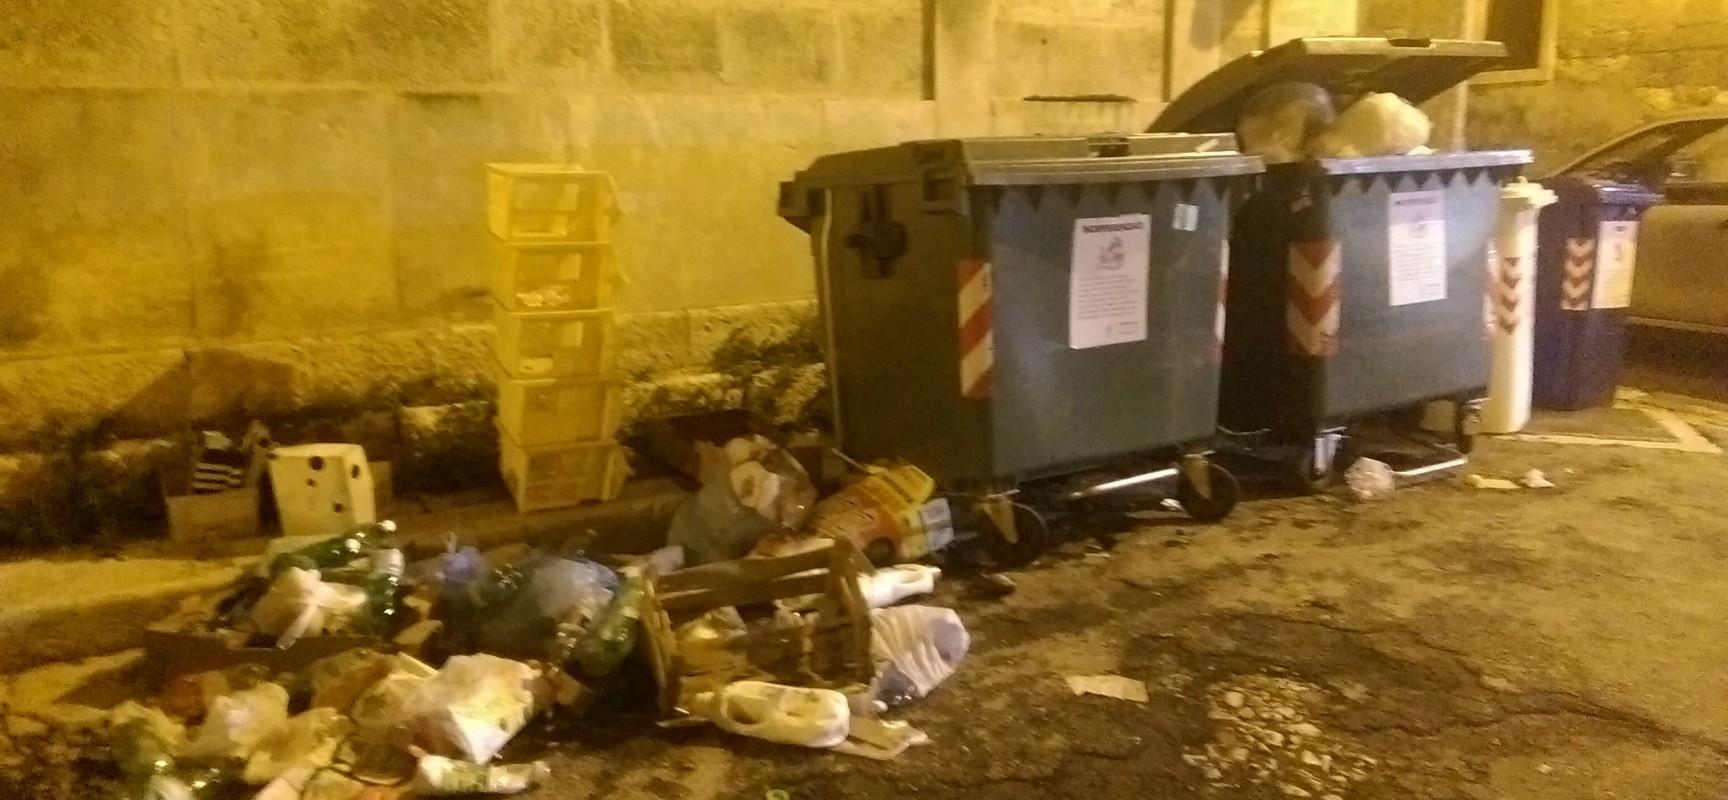 Rifiuti abbandonati per terra in via Genova, ci sarebbe bisogno di un cassonetto per la raccolta plastica